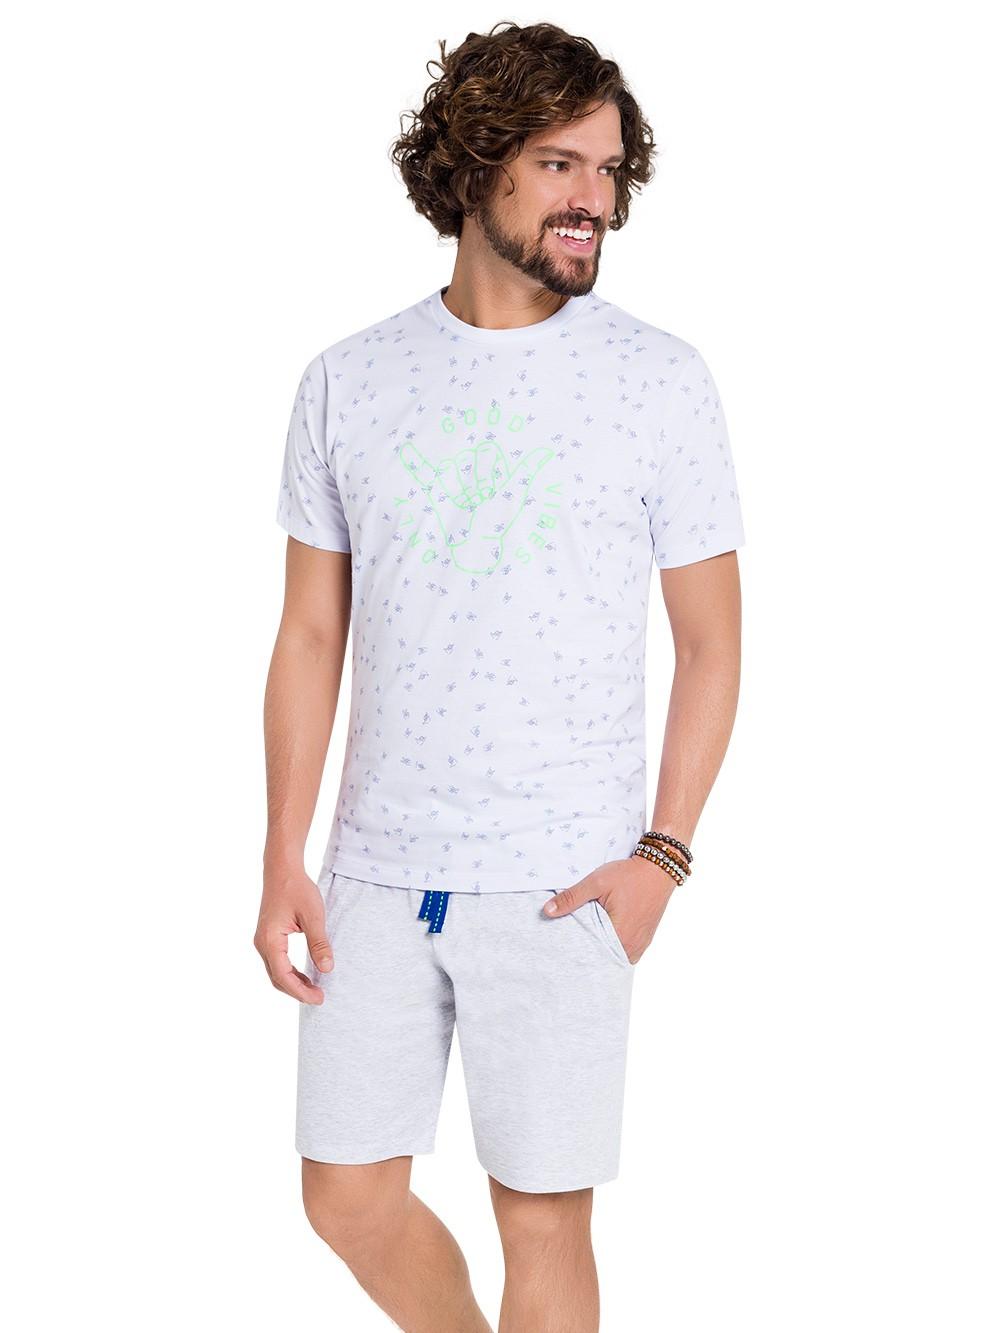 Pijama masculino verão bermuda blusa manga good vibes